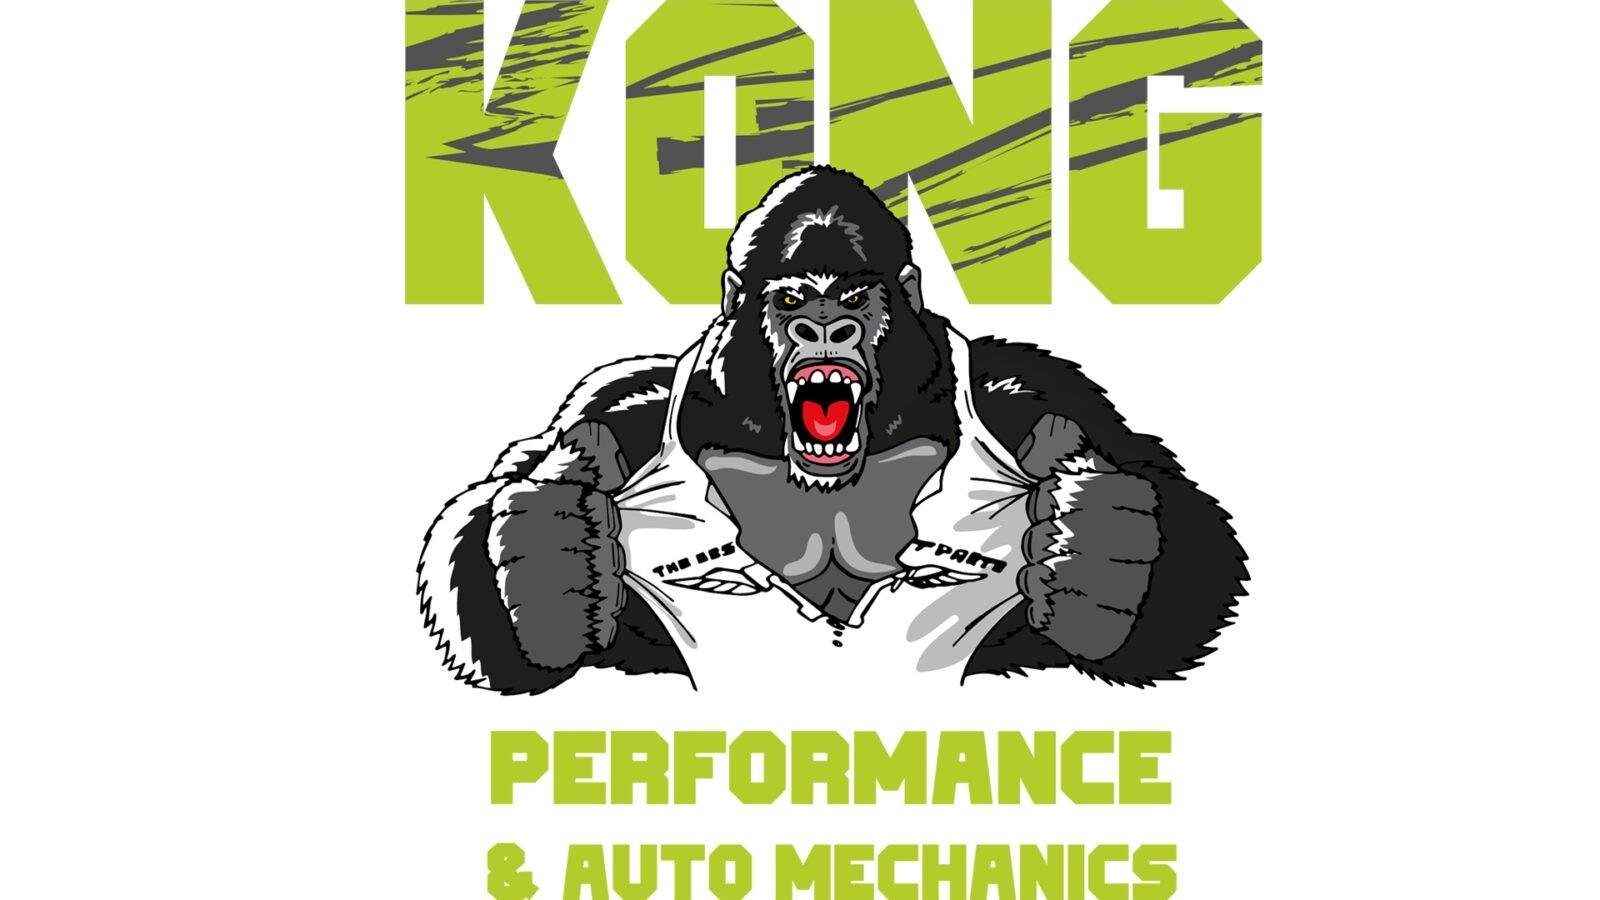 Kong Performance